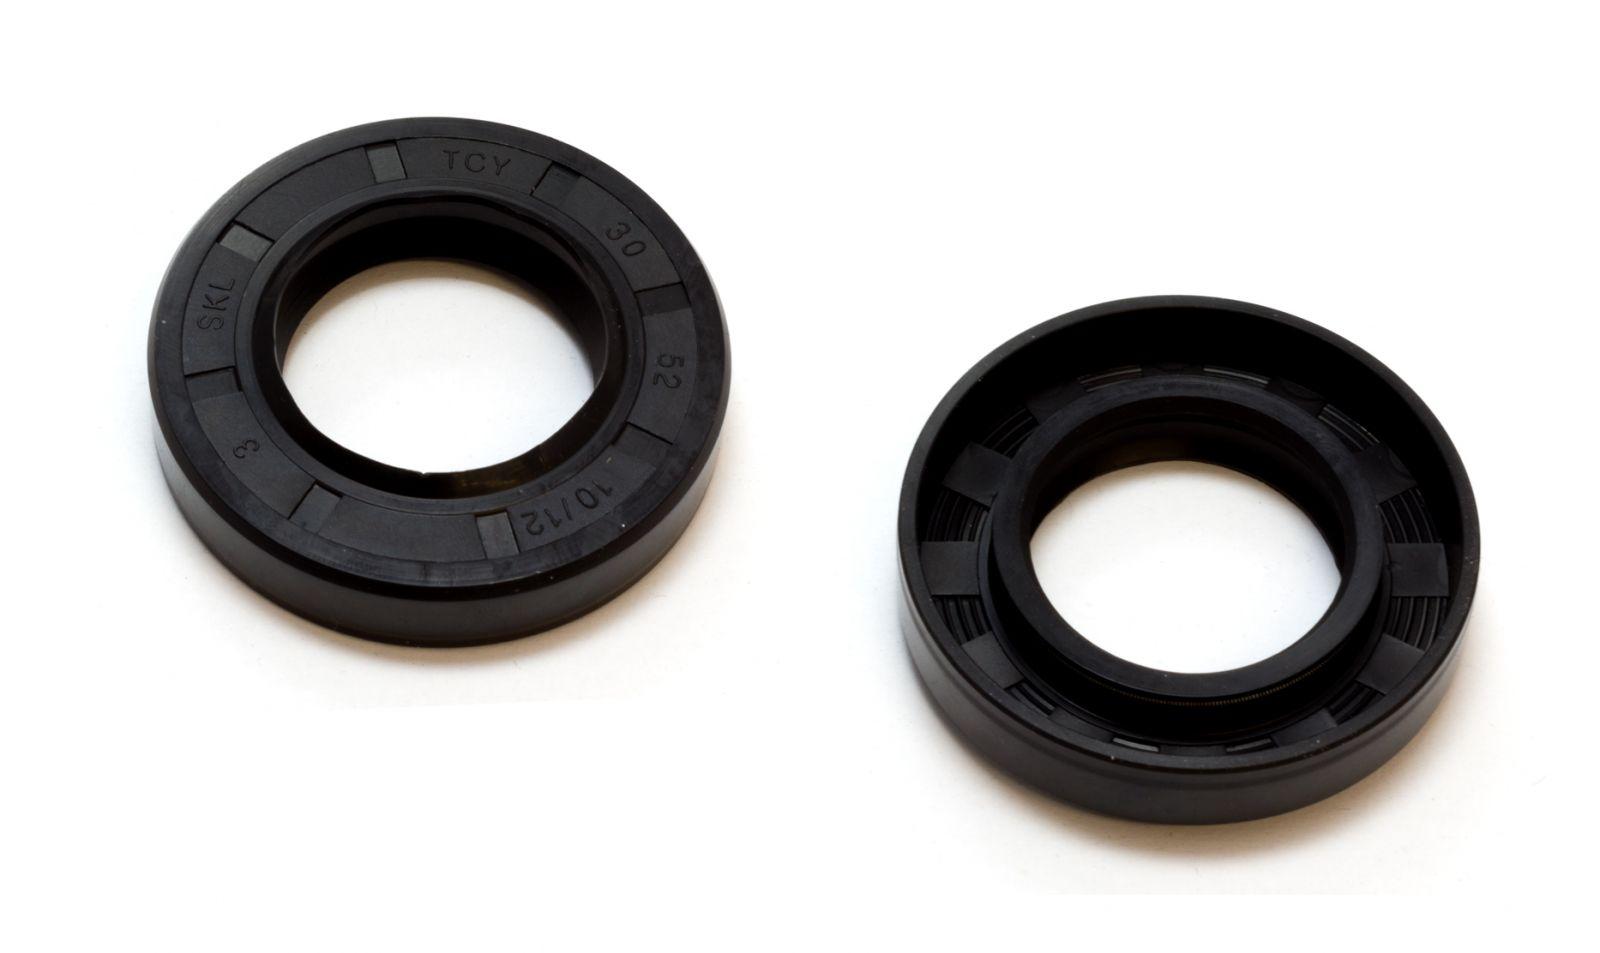 hřídelové těsnění - gufero 30x52x10/12 pračka Zanussi, Electrolux - 50095515008 Ostatní